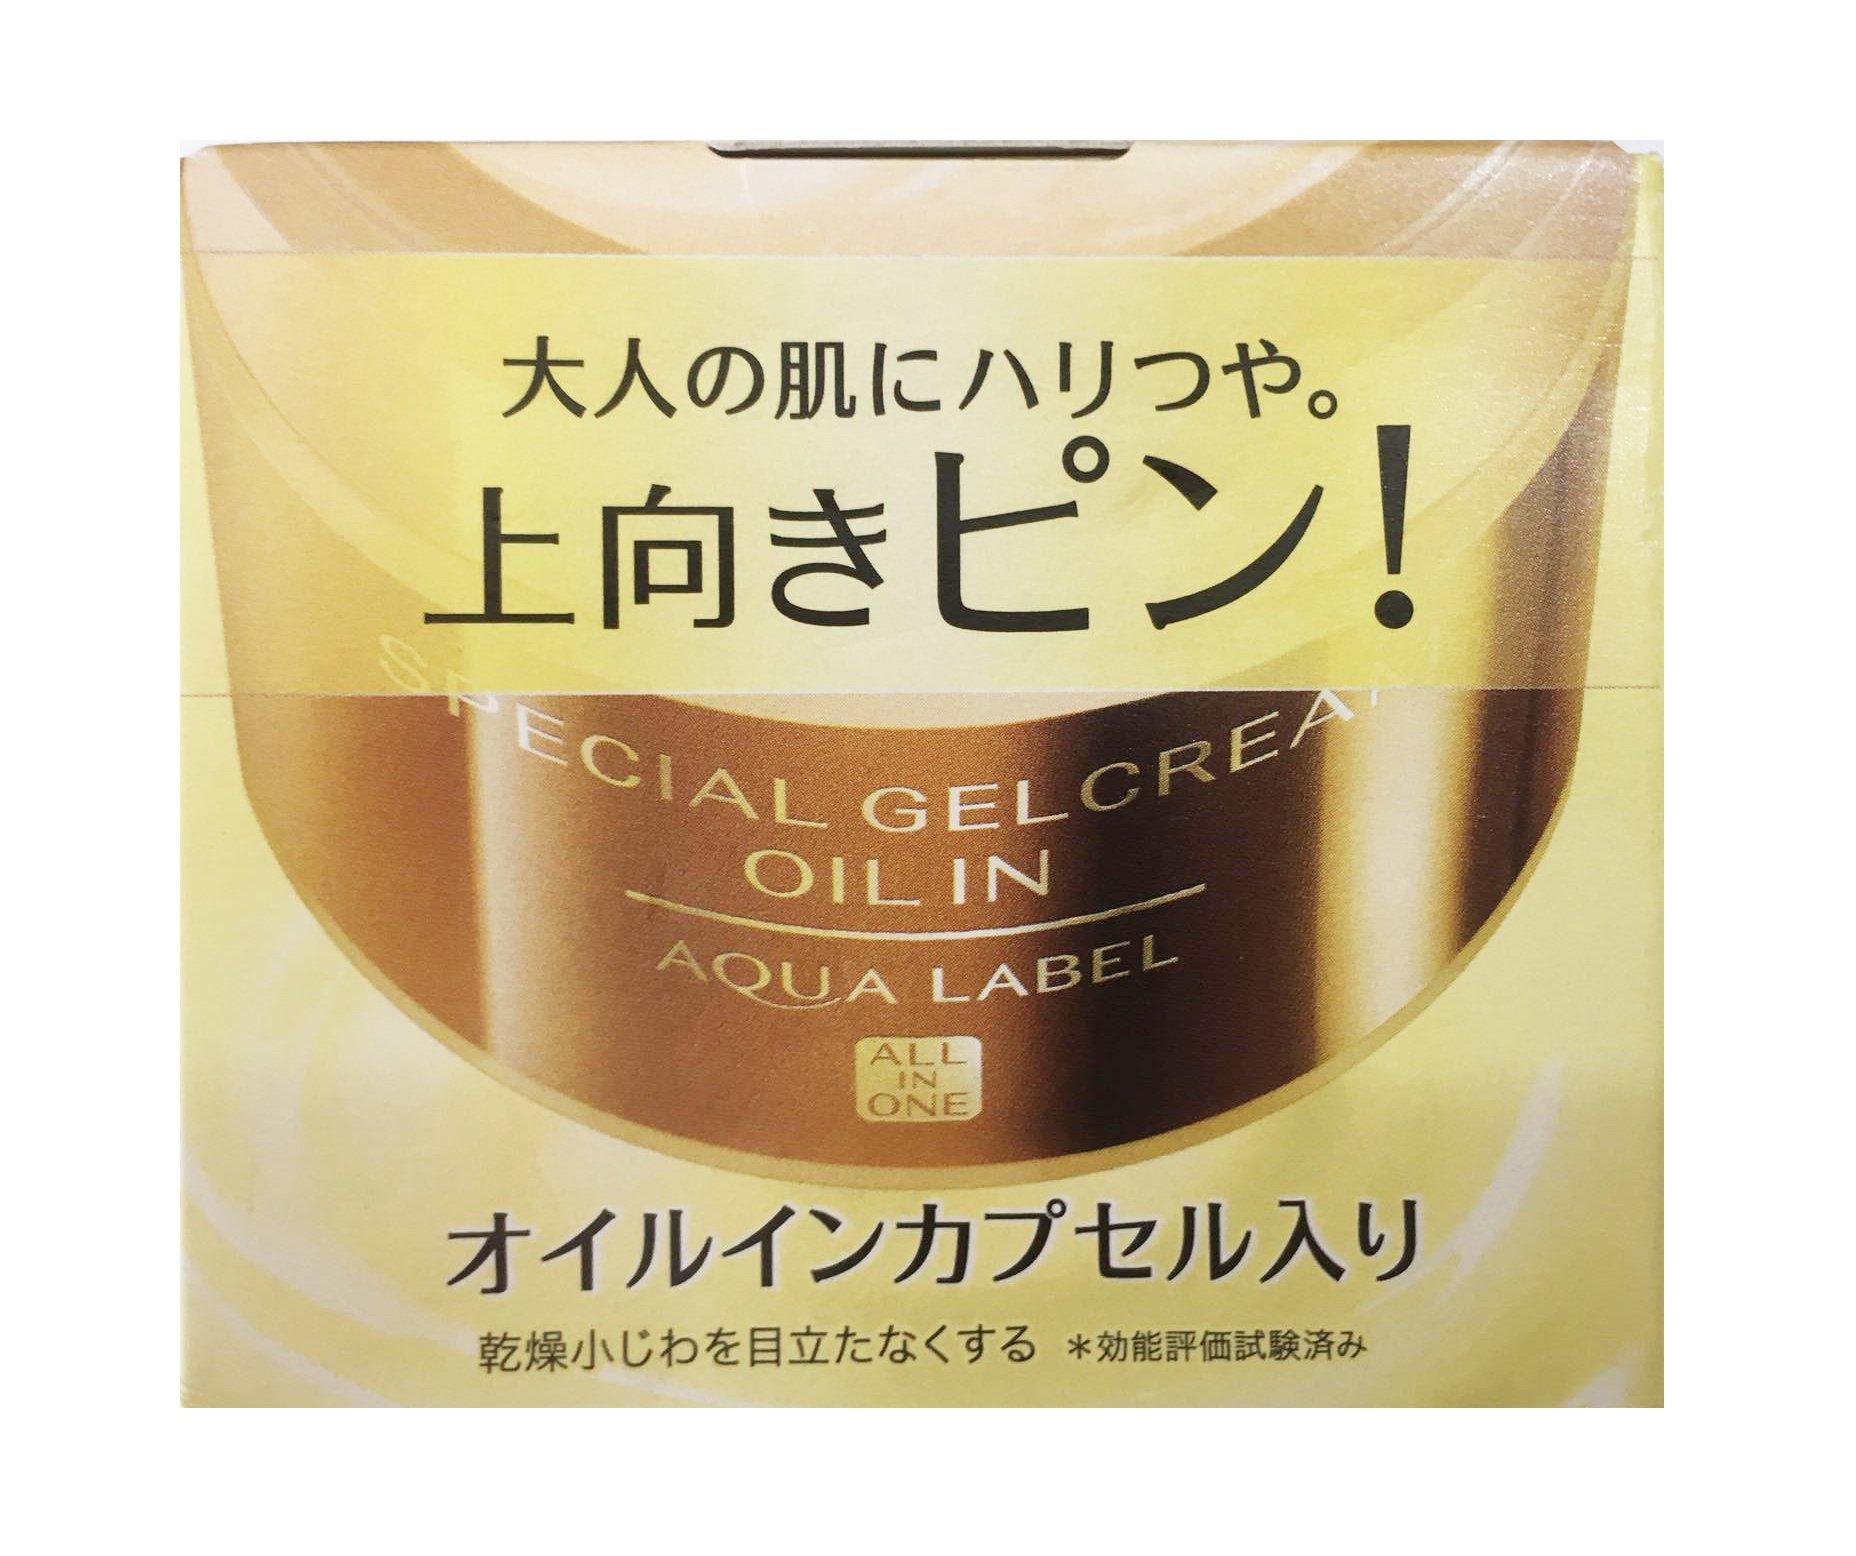 Kem dưỡng da Shiseido Aqualabel Special Gel Cream Oil in mẫu mới